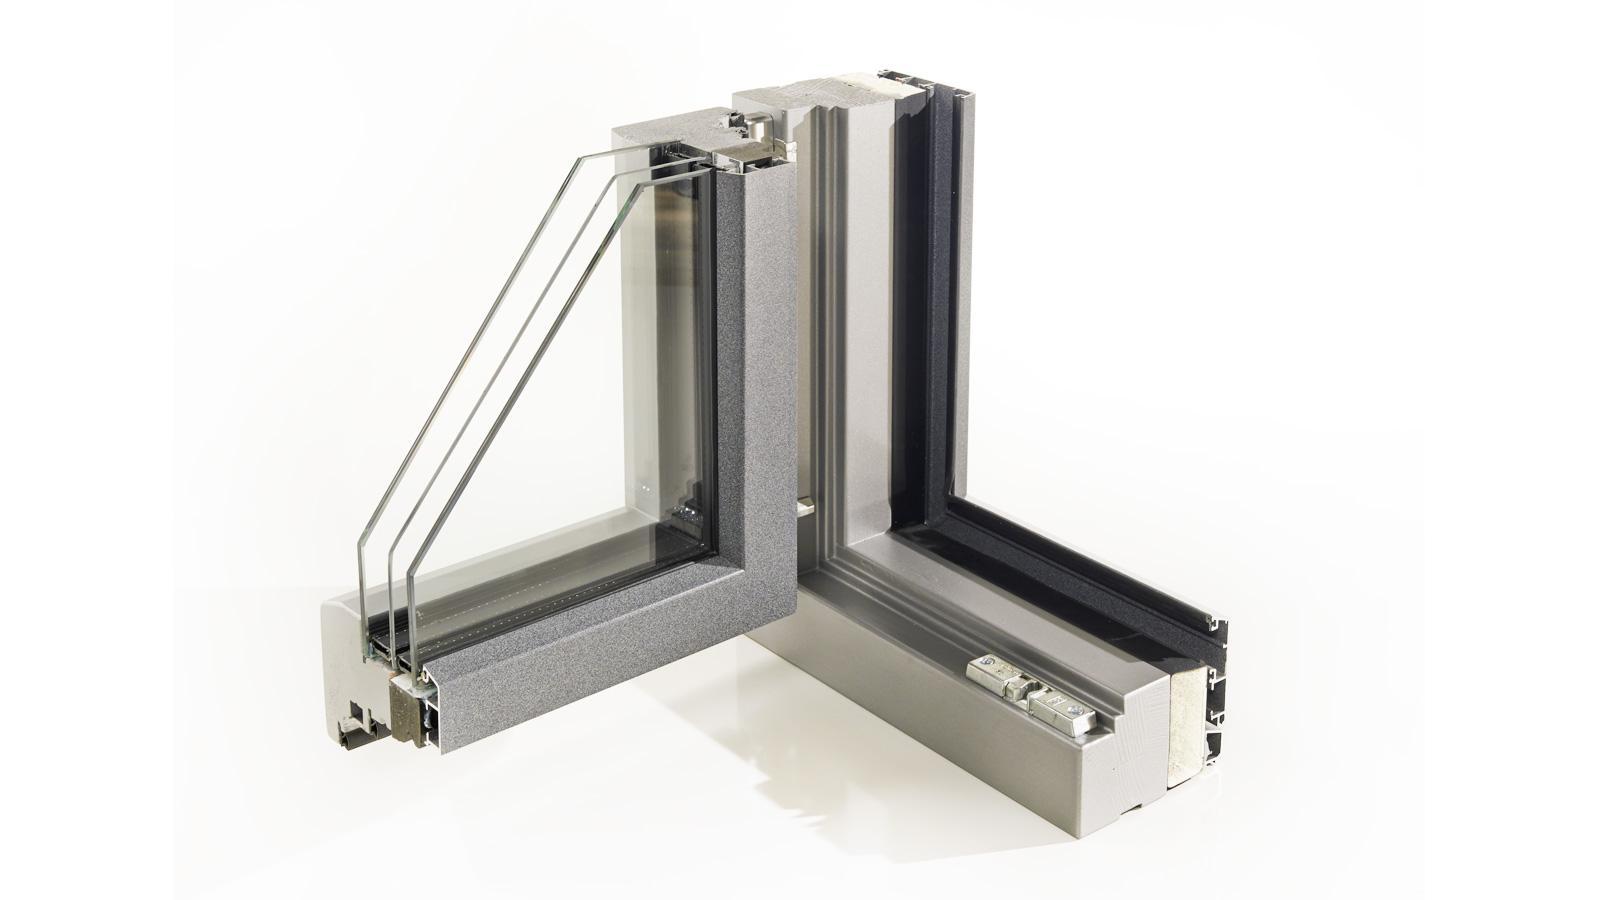 Alluminio-44957